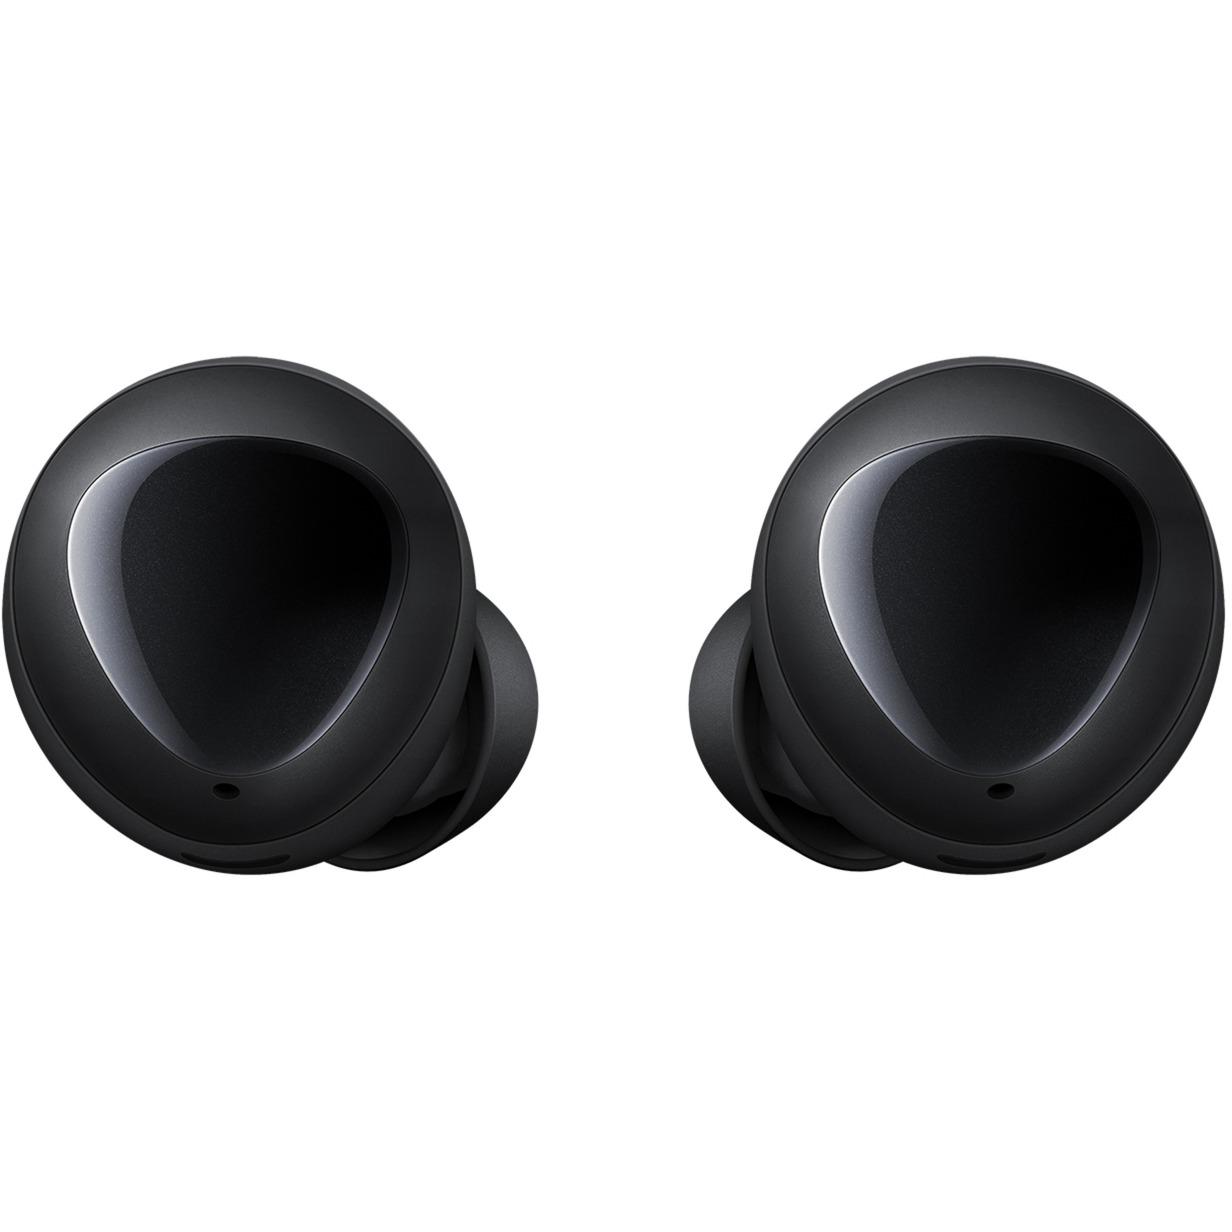 Galaxy Buds auriculares para móvil Binaural Dentro de oído Negro